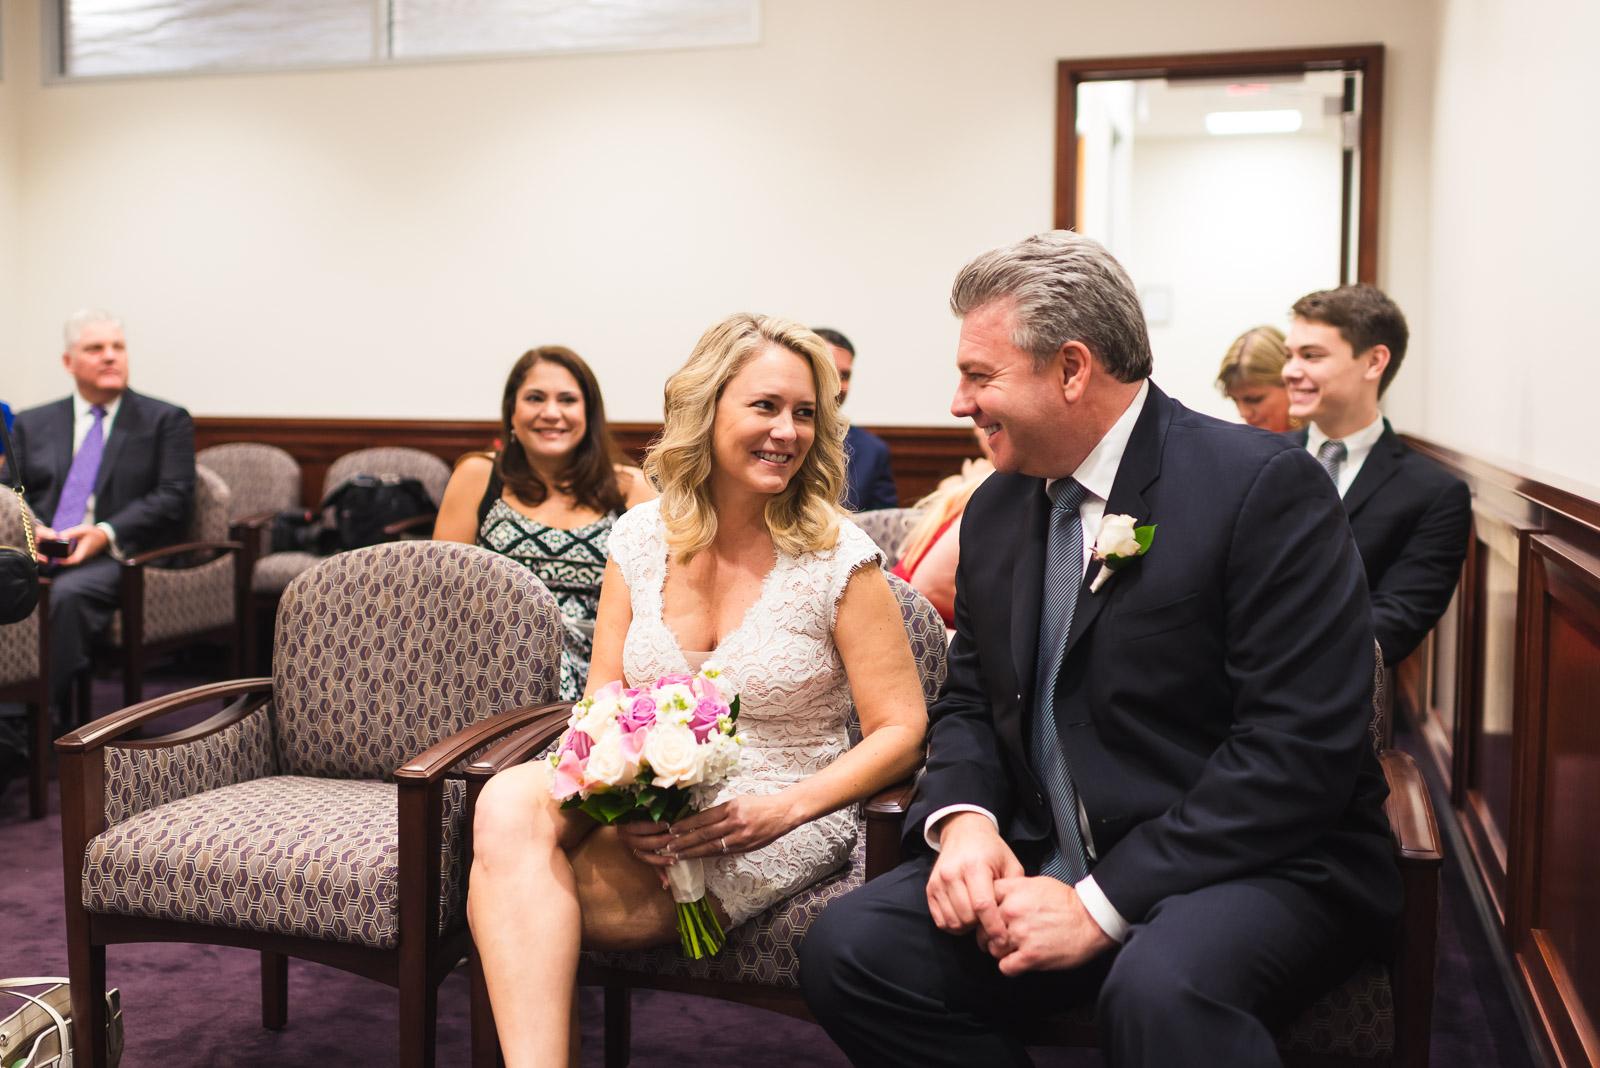 phill-cherie-wedding-004-blog.jpg